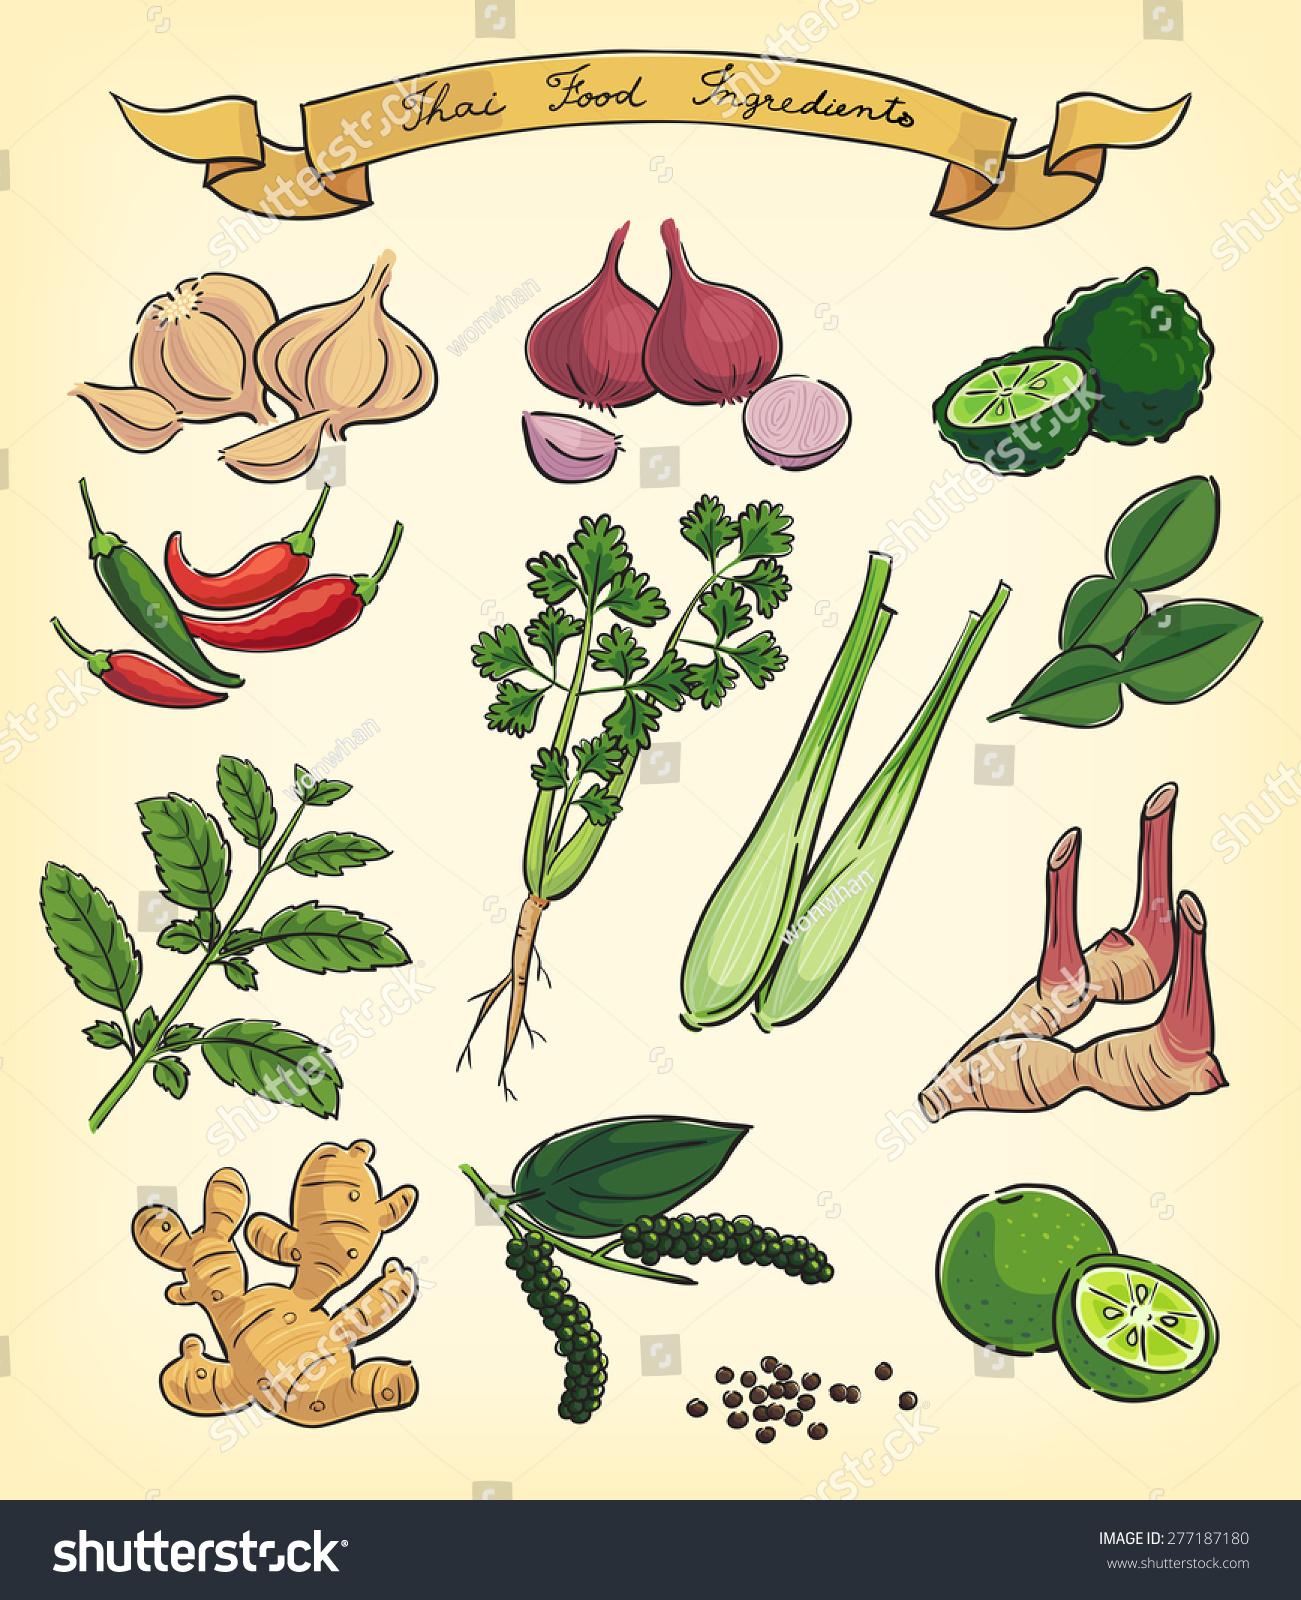 手绘插图的泰国食品配料-食品及饮料